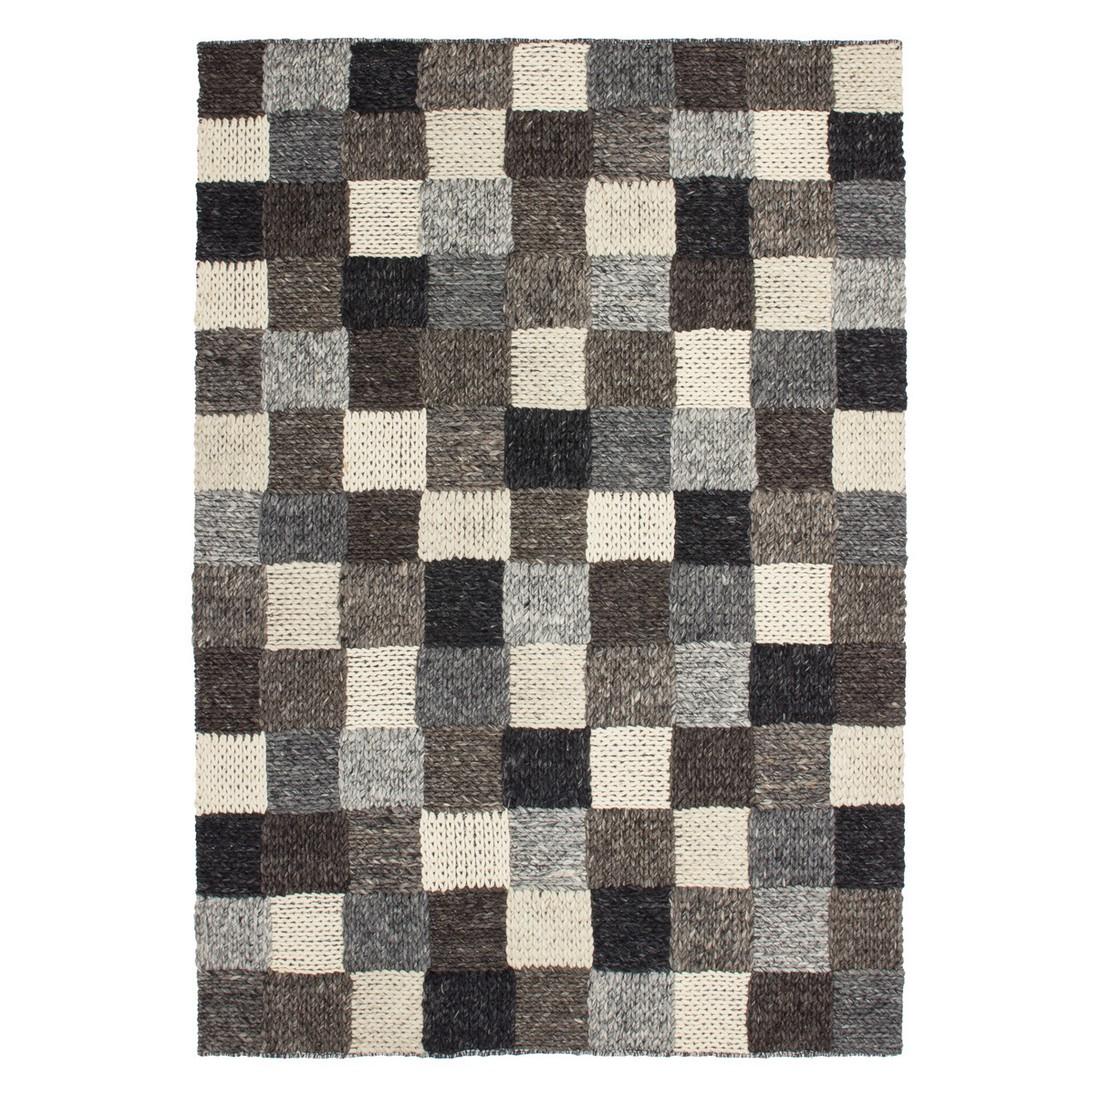 teppich agra stein 80 x 150 cm obsession online bestellen. Black Bedroom Furniture Sets. Home Design Ideas